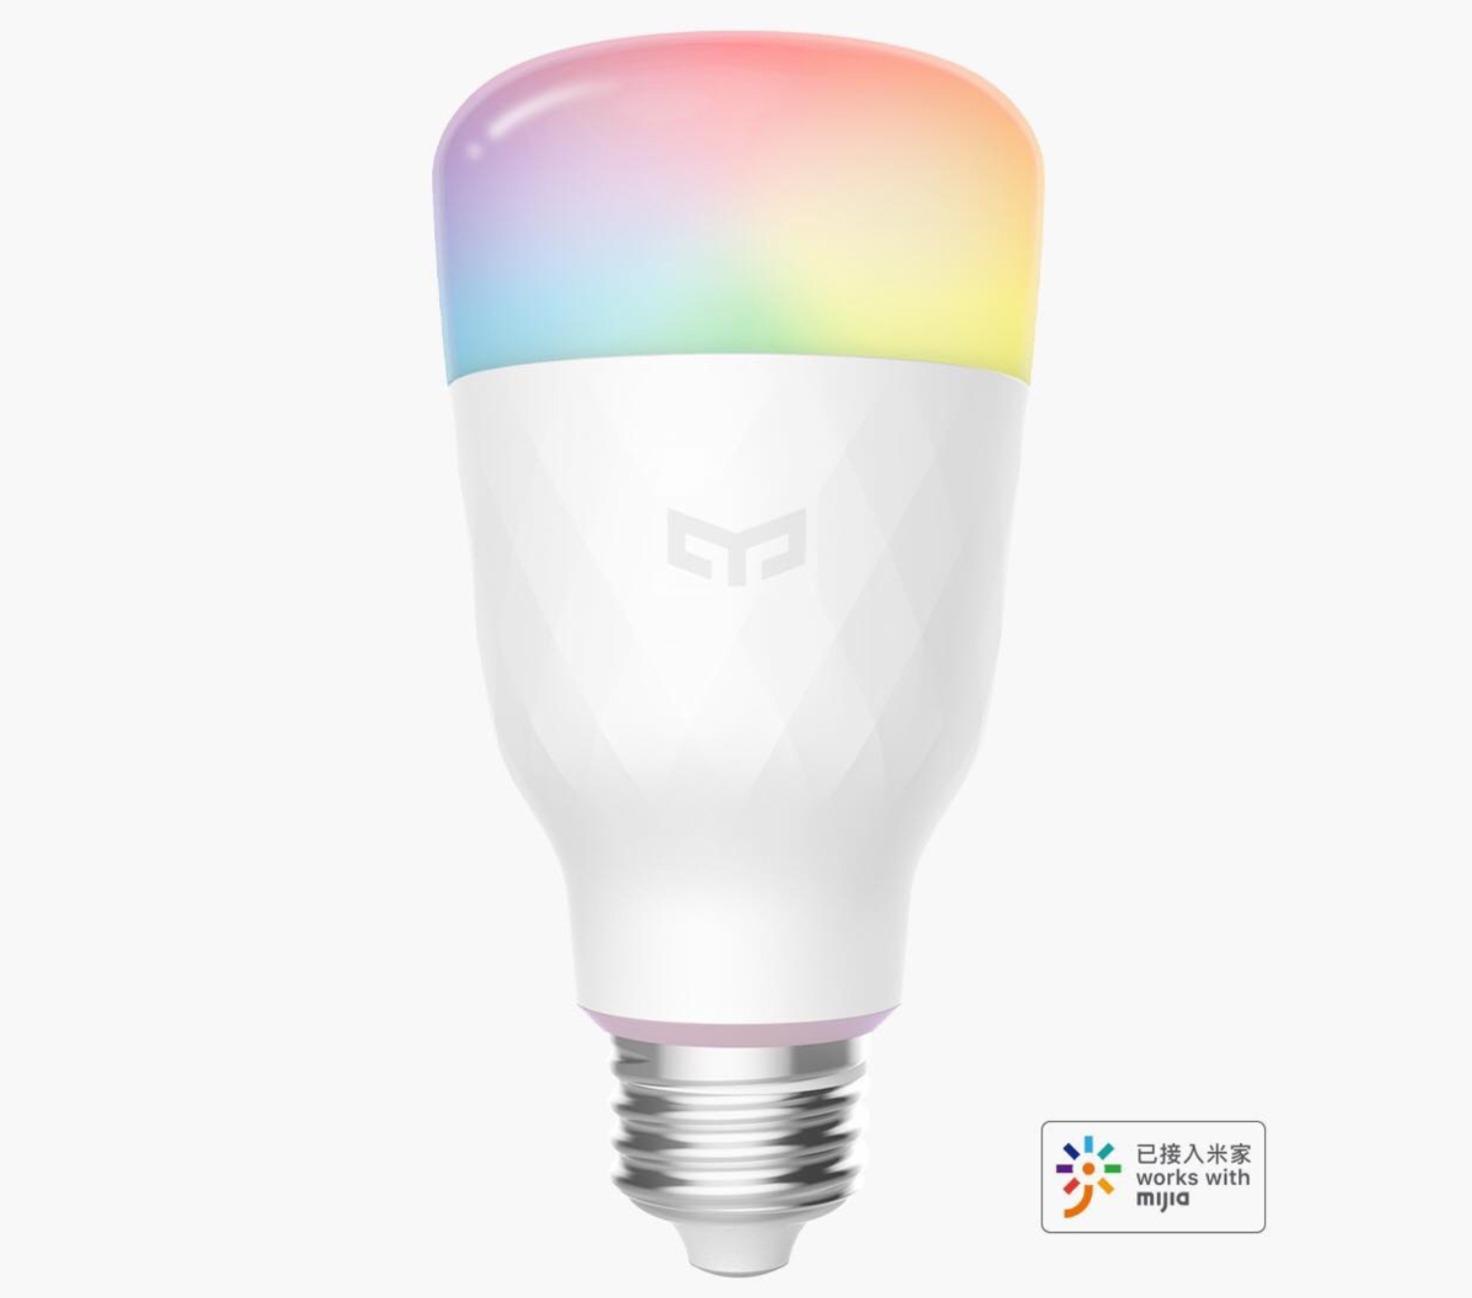 Yeelight 1S: Smarte LED verbraucht weniger Strom